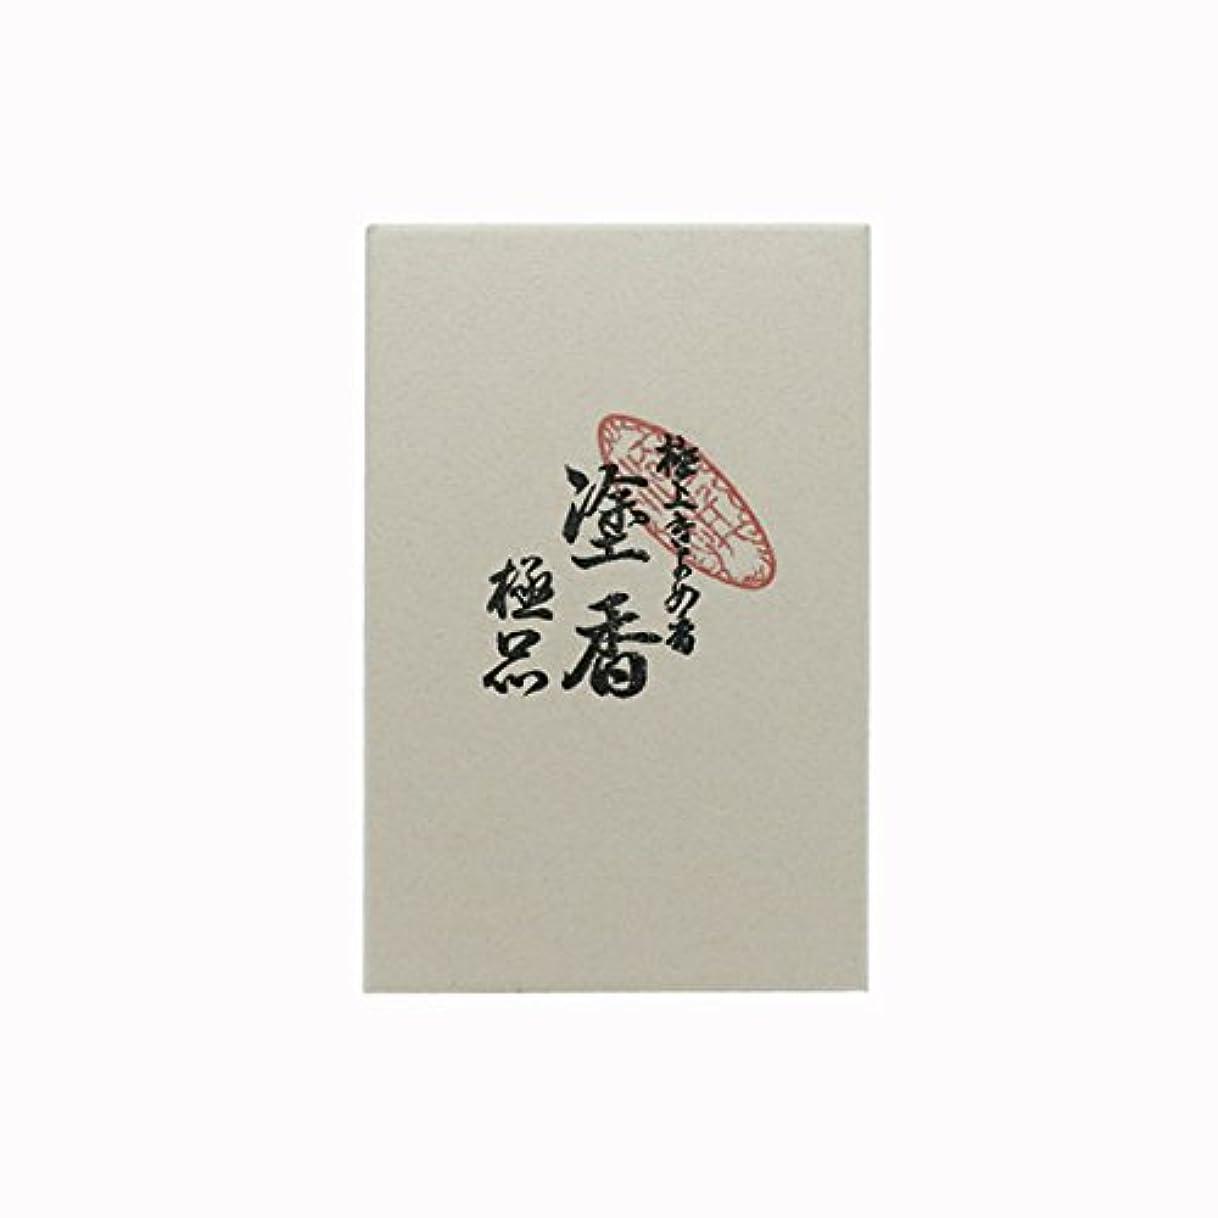 メロディアスエンジンサイズ塗香(極品) 20g入